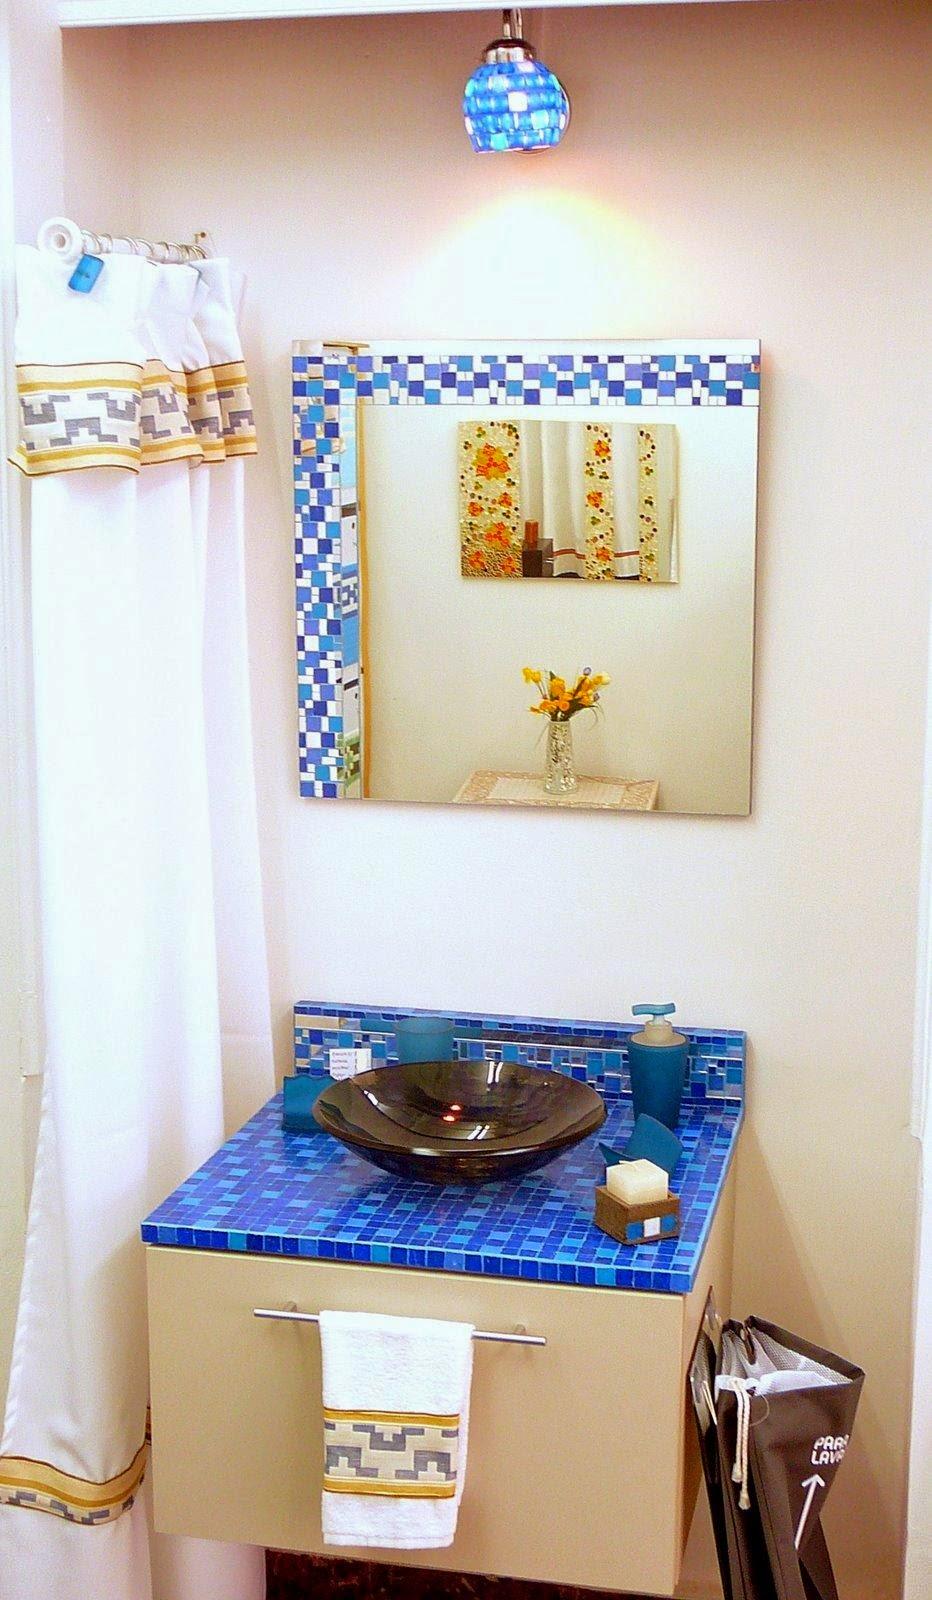 Baño Azul Con Blanco:MUEBLES PARA BAÑOS EN AZUL, BLANCO Y HAYA / Decoración de baños